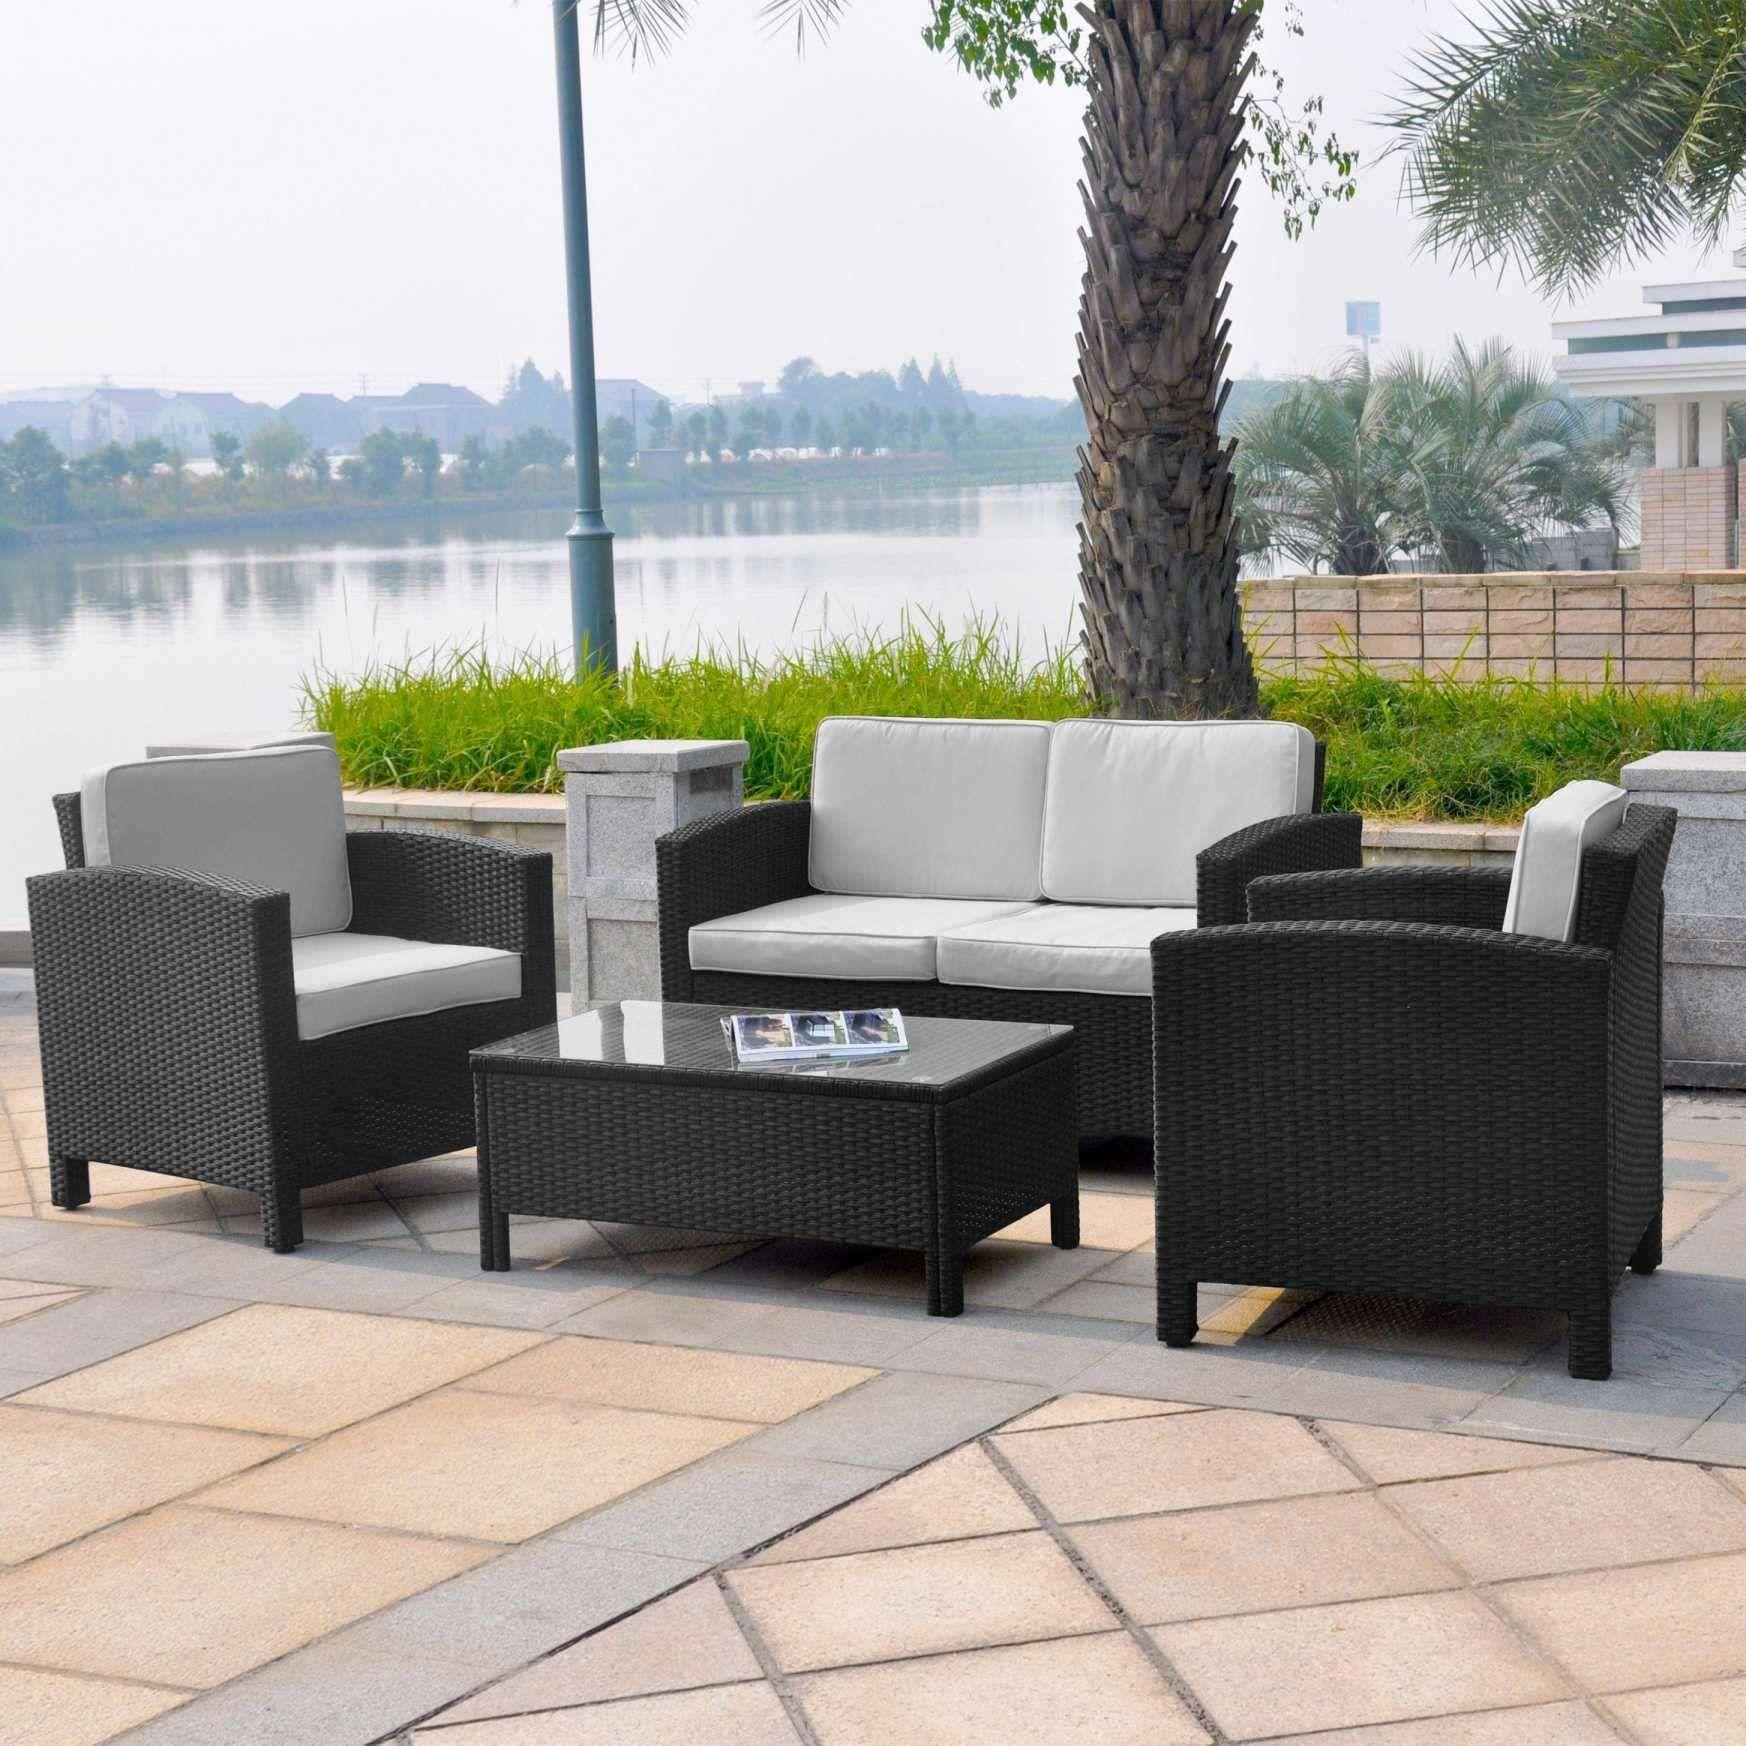 31 Elegant Garten Loungemobel Gunstig Aussenmobel Gartenmobel Lounge Gartenmobel